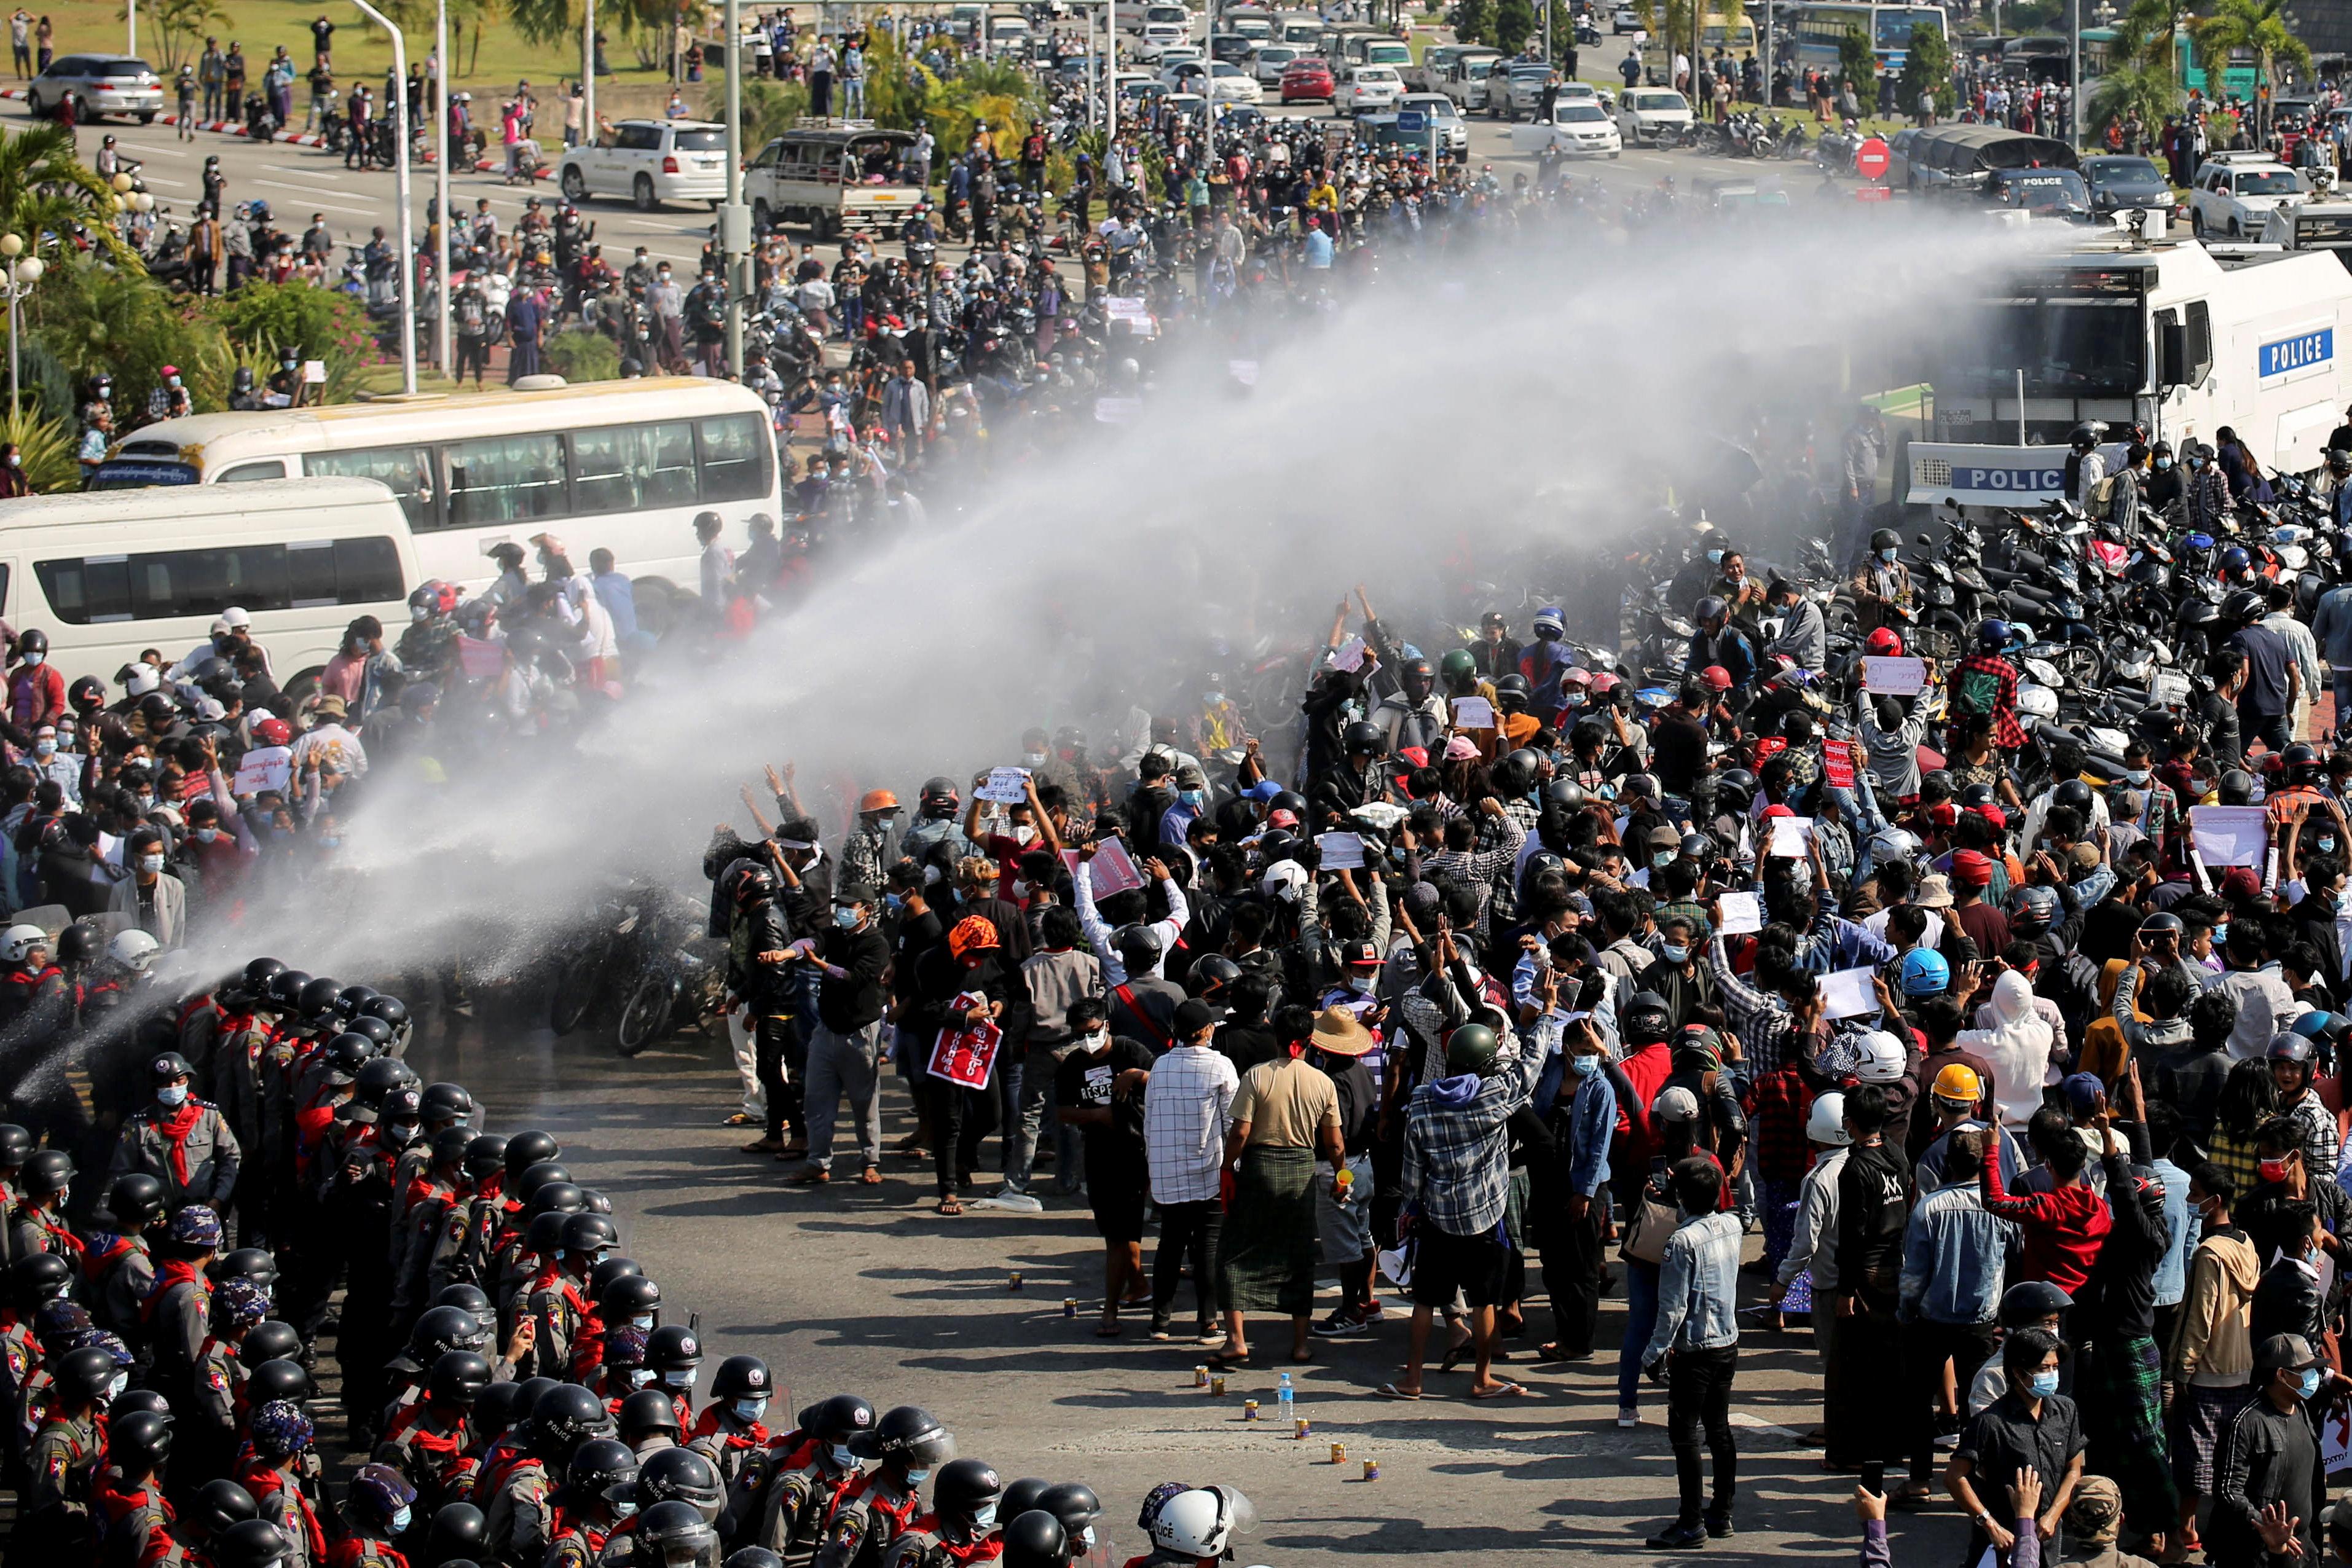 軍隊出動水炮對付示威者。(路透社)